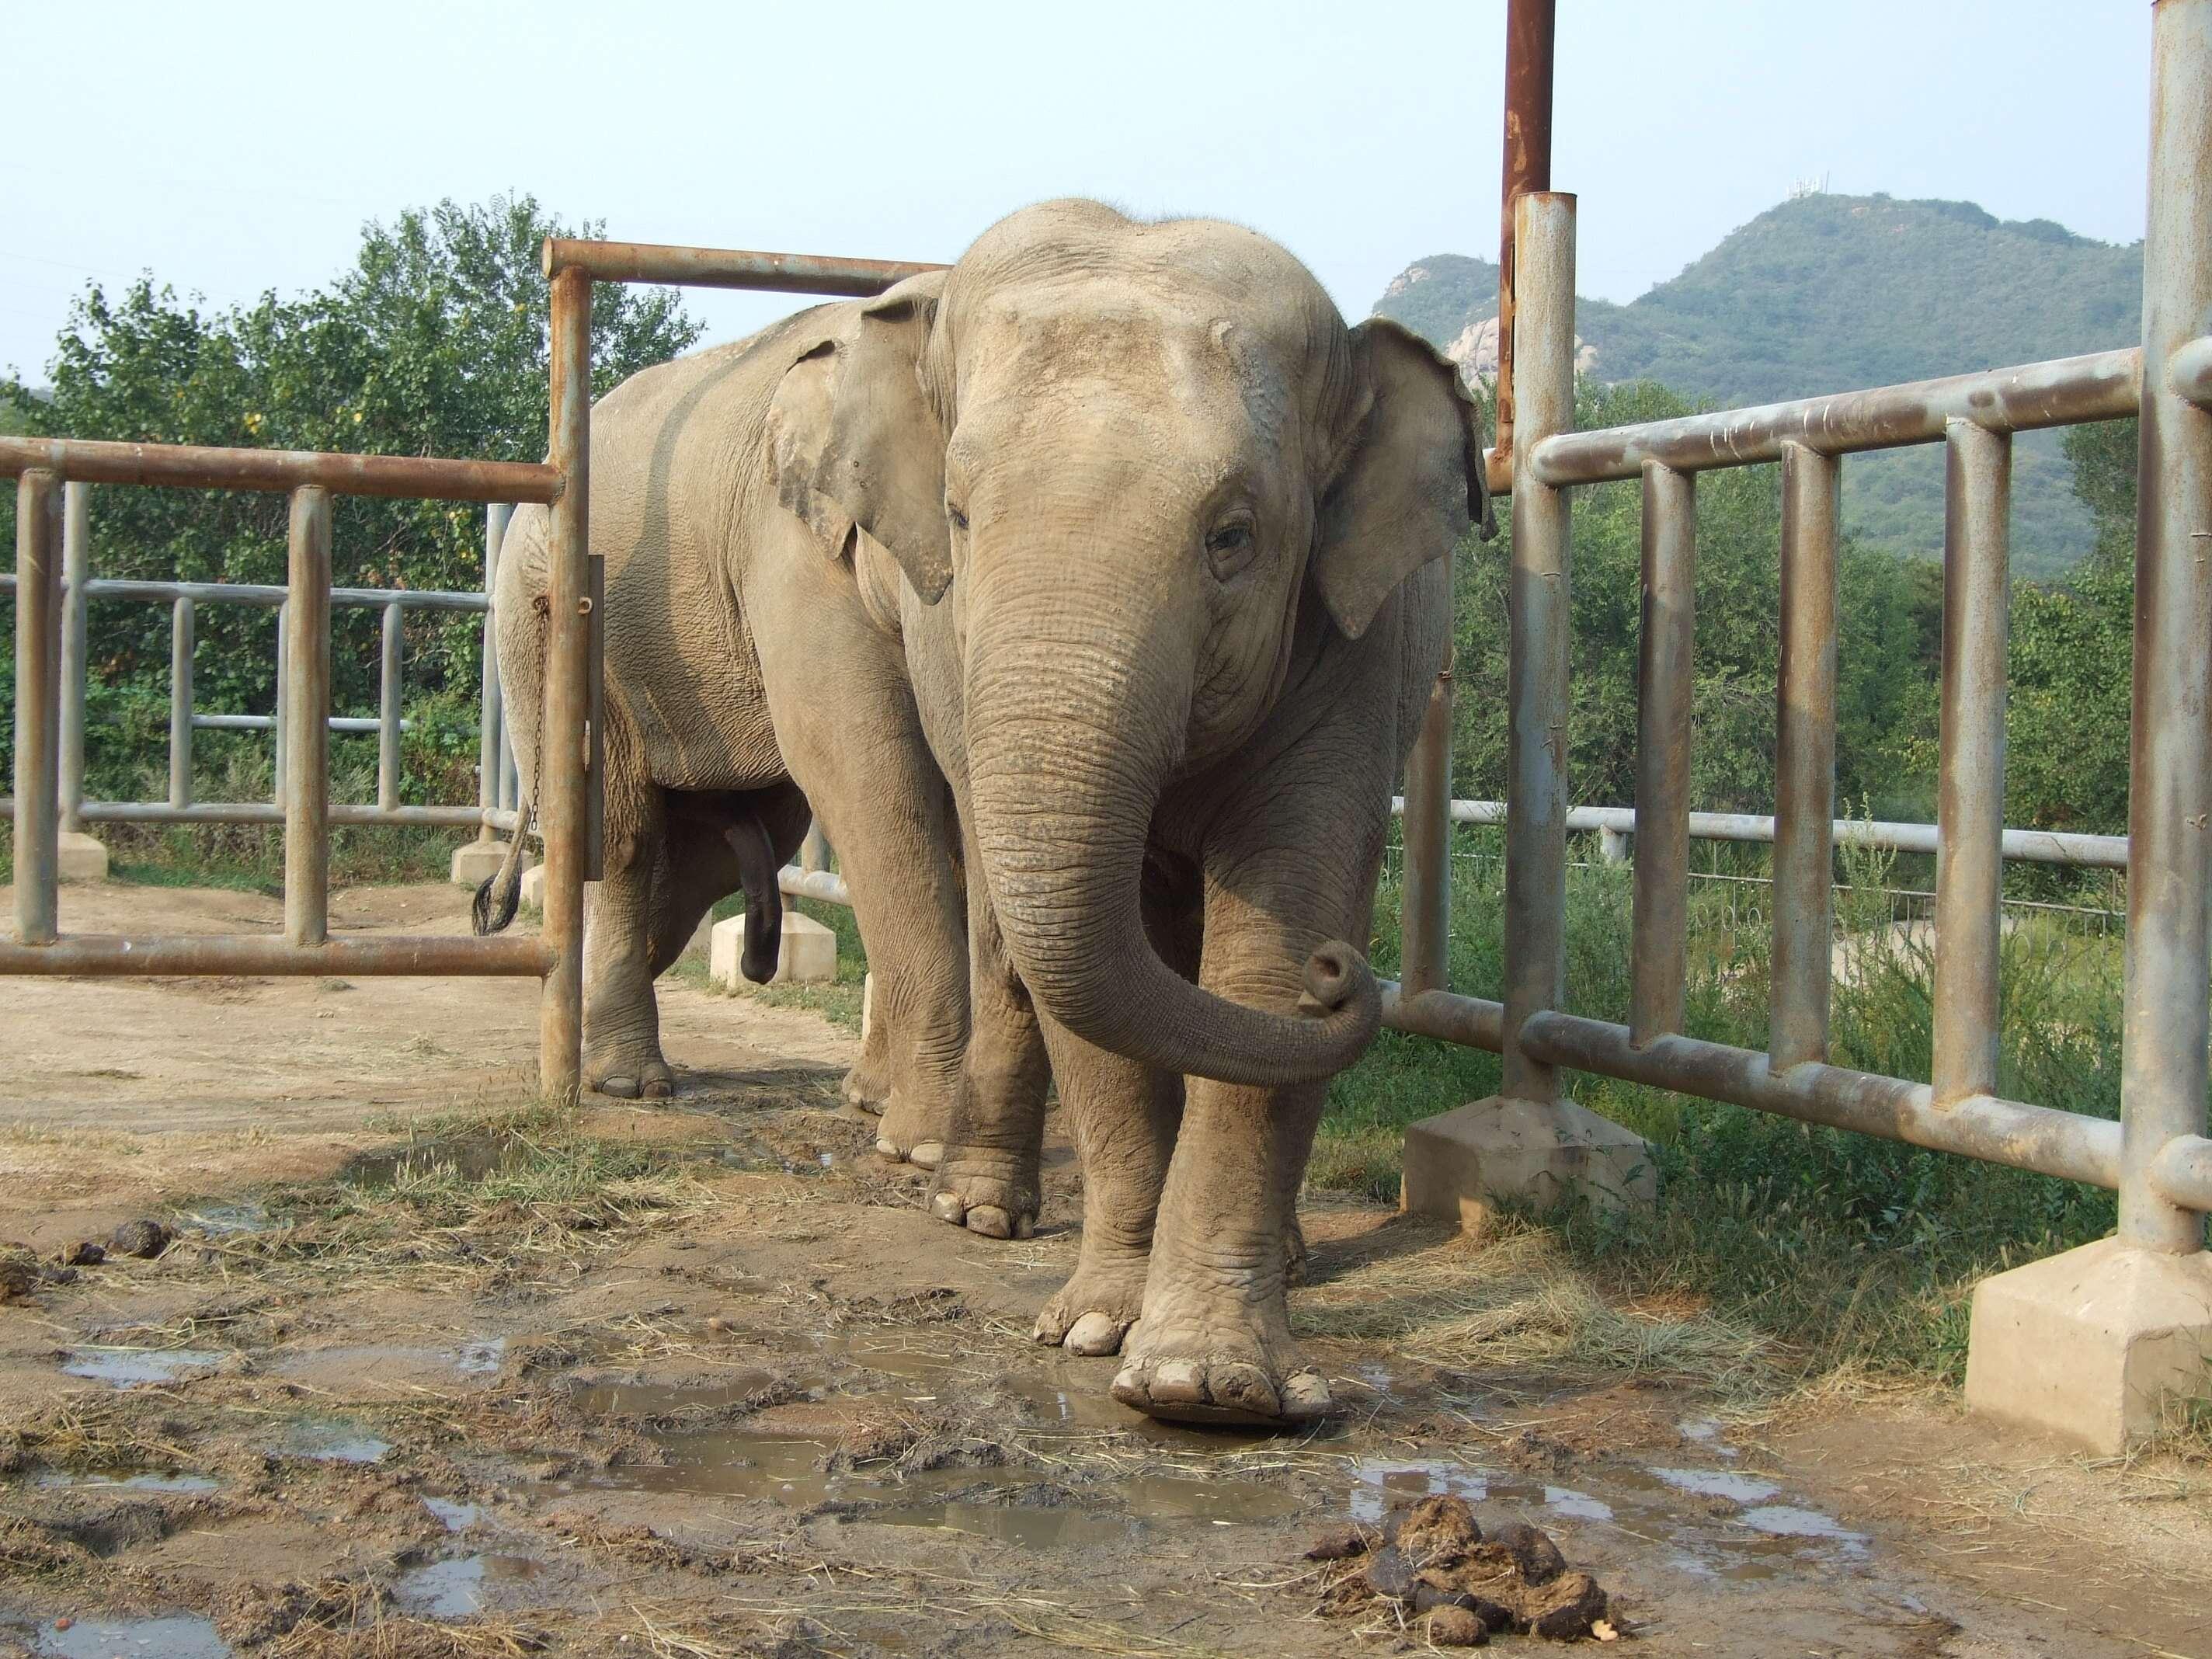 2014年9月2日 北京 八达岭野生动物世界有一头大象,脚趾头溃烂感染的面积约有半个拳头大。要想给这头大象治好病,必须找到合适的麻醉剂。这一消息,被网友发在了微博上,引来了人们的关注。 这头名叫欣欣的母象今年13岁。前天,它前肢两个脚掌溃烂、感染的照片,被环保组织自然大学发在了微博上。昨天下午,记者联系上了自然大学鸟兽学院的志愿者。据介绍,大象欣欣去年从秦皇岛的动物园来到了八达岭野生动物世界,然而志愿者去看望它时,发现它两个前肢末端,都有一些病变。虽然大象的生活看上去基本没有受到影响,每天